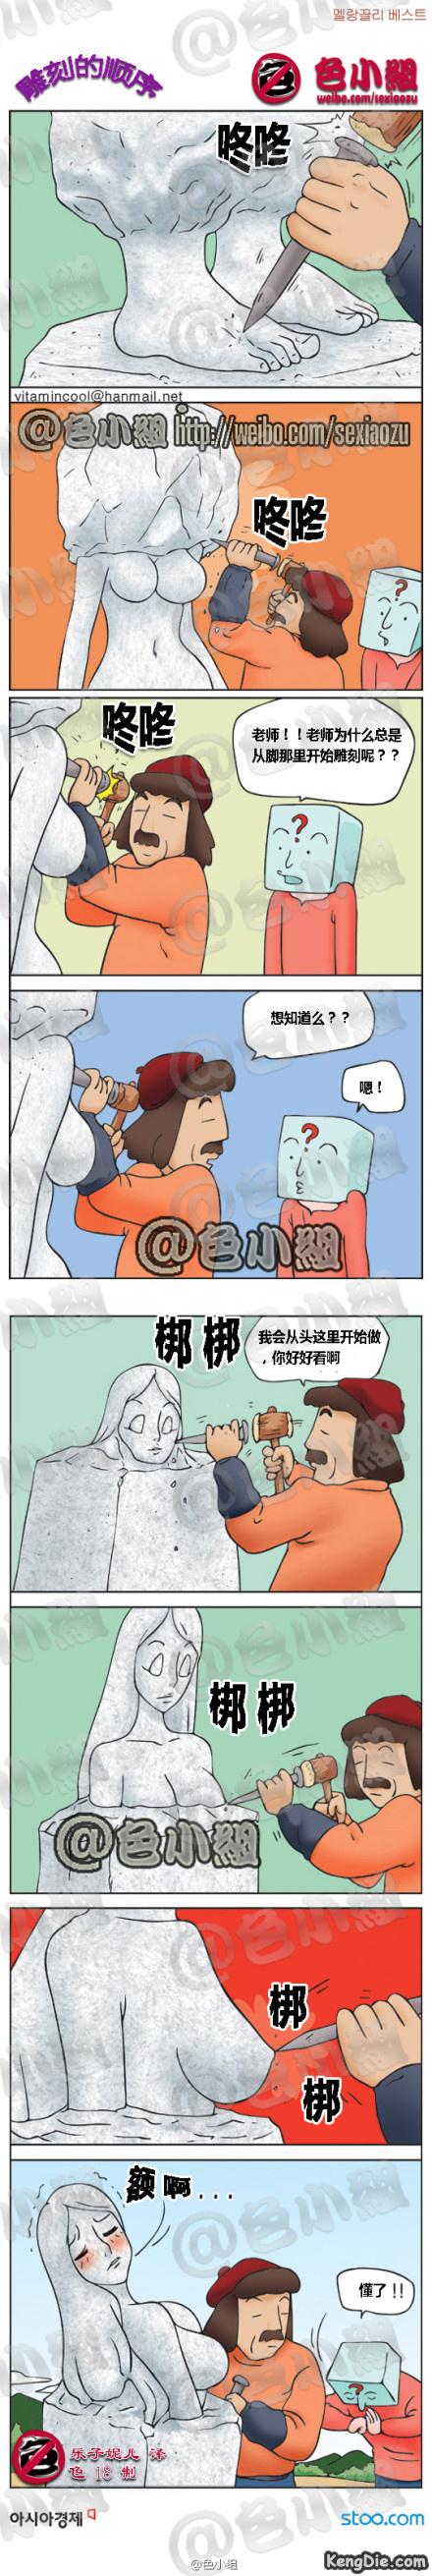 色小组邪恶漫画:老师的经验